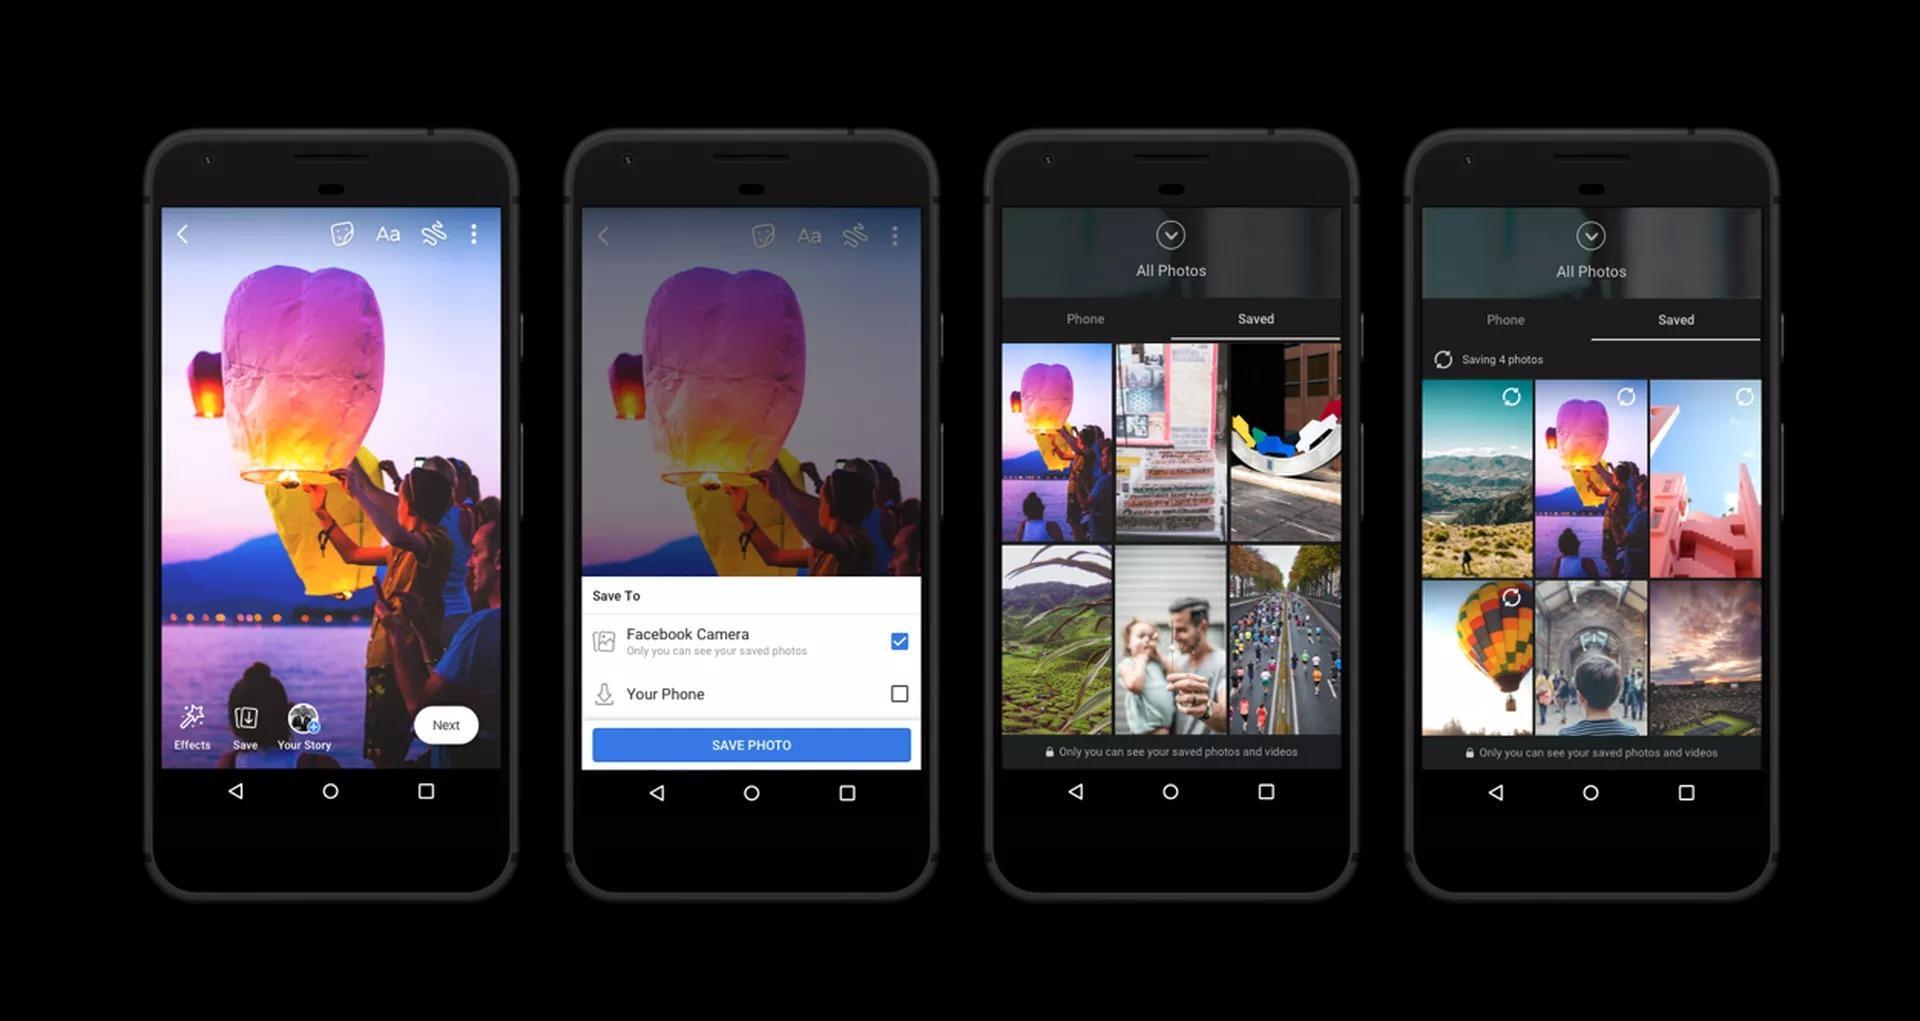 ميزة حفظ الصور ومقاطع الفيديو للمستخدم التقاط صور ومقاطع فيديو من خلال كاميرا فيس بوك